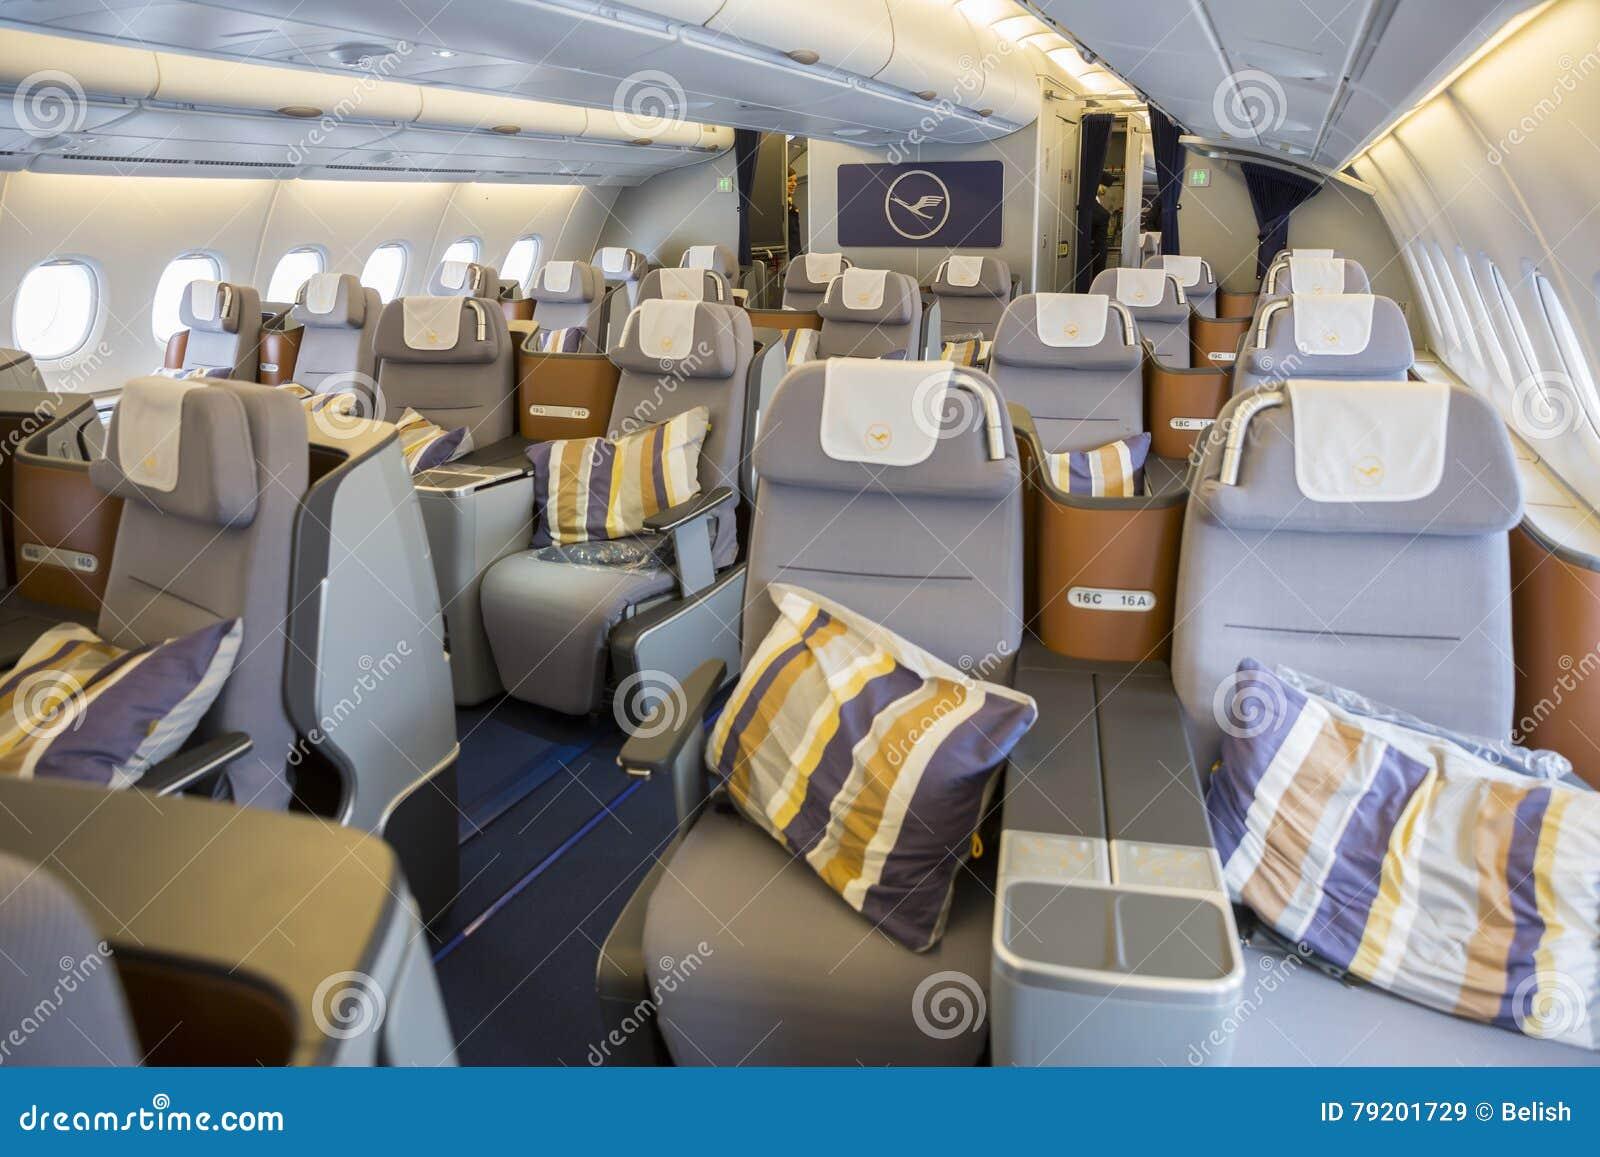 avion d airbus a380 l intrieur des siges